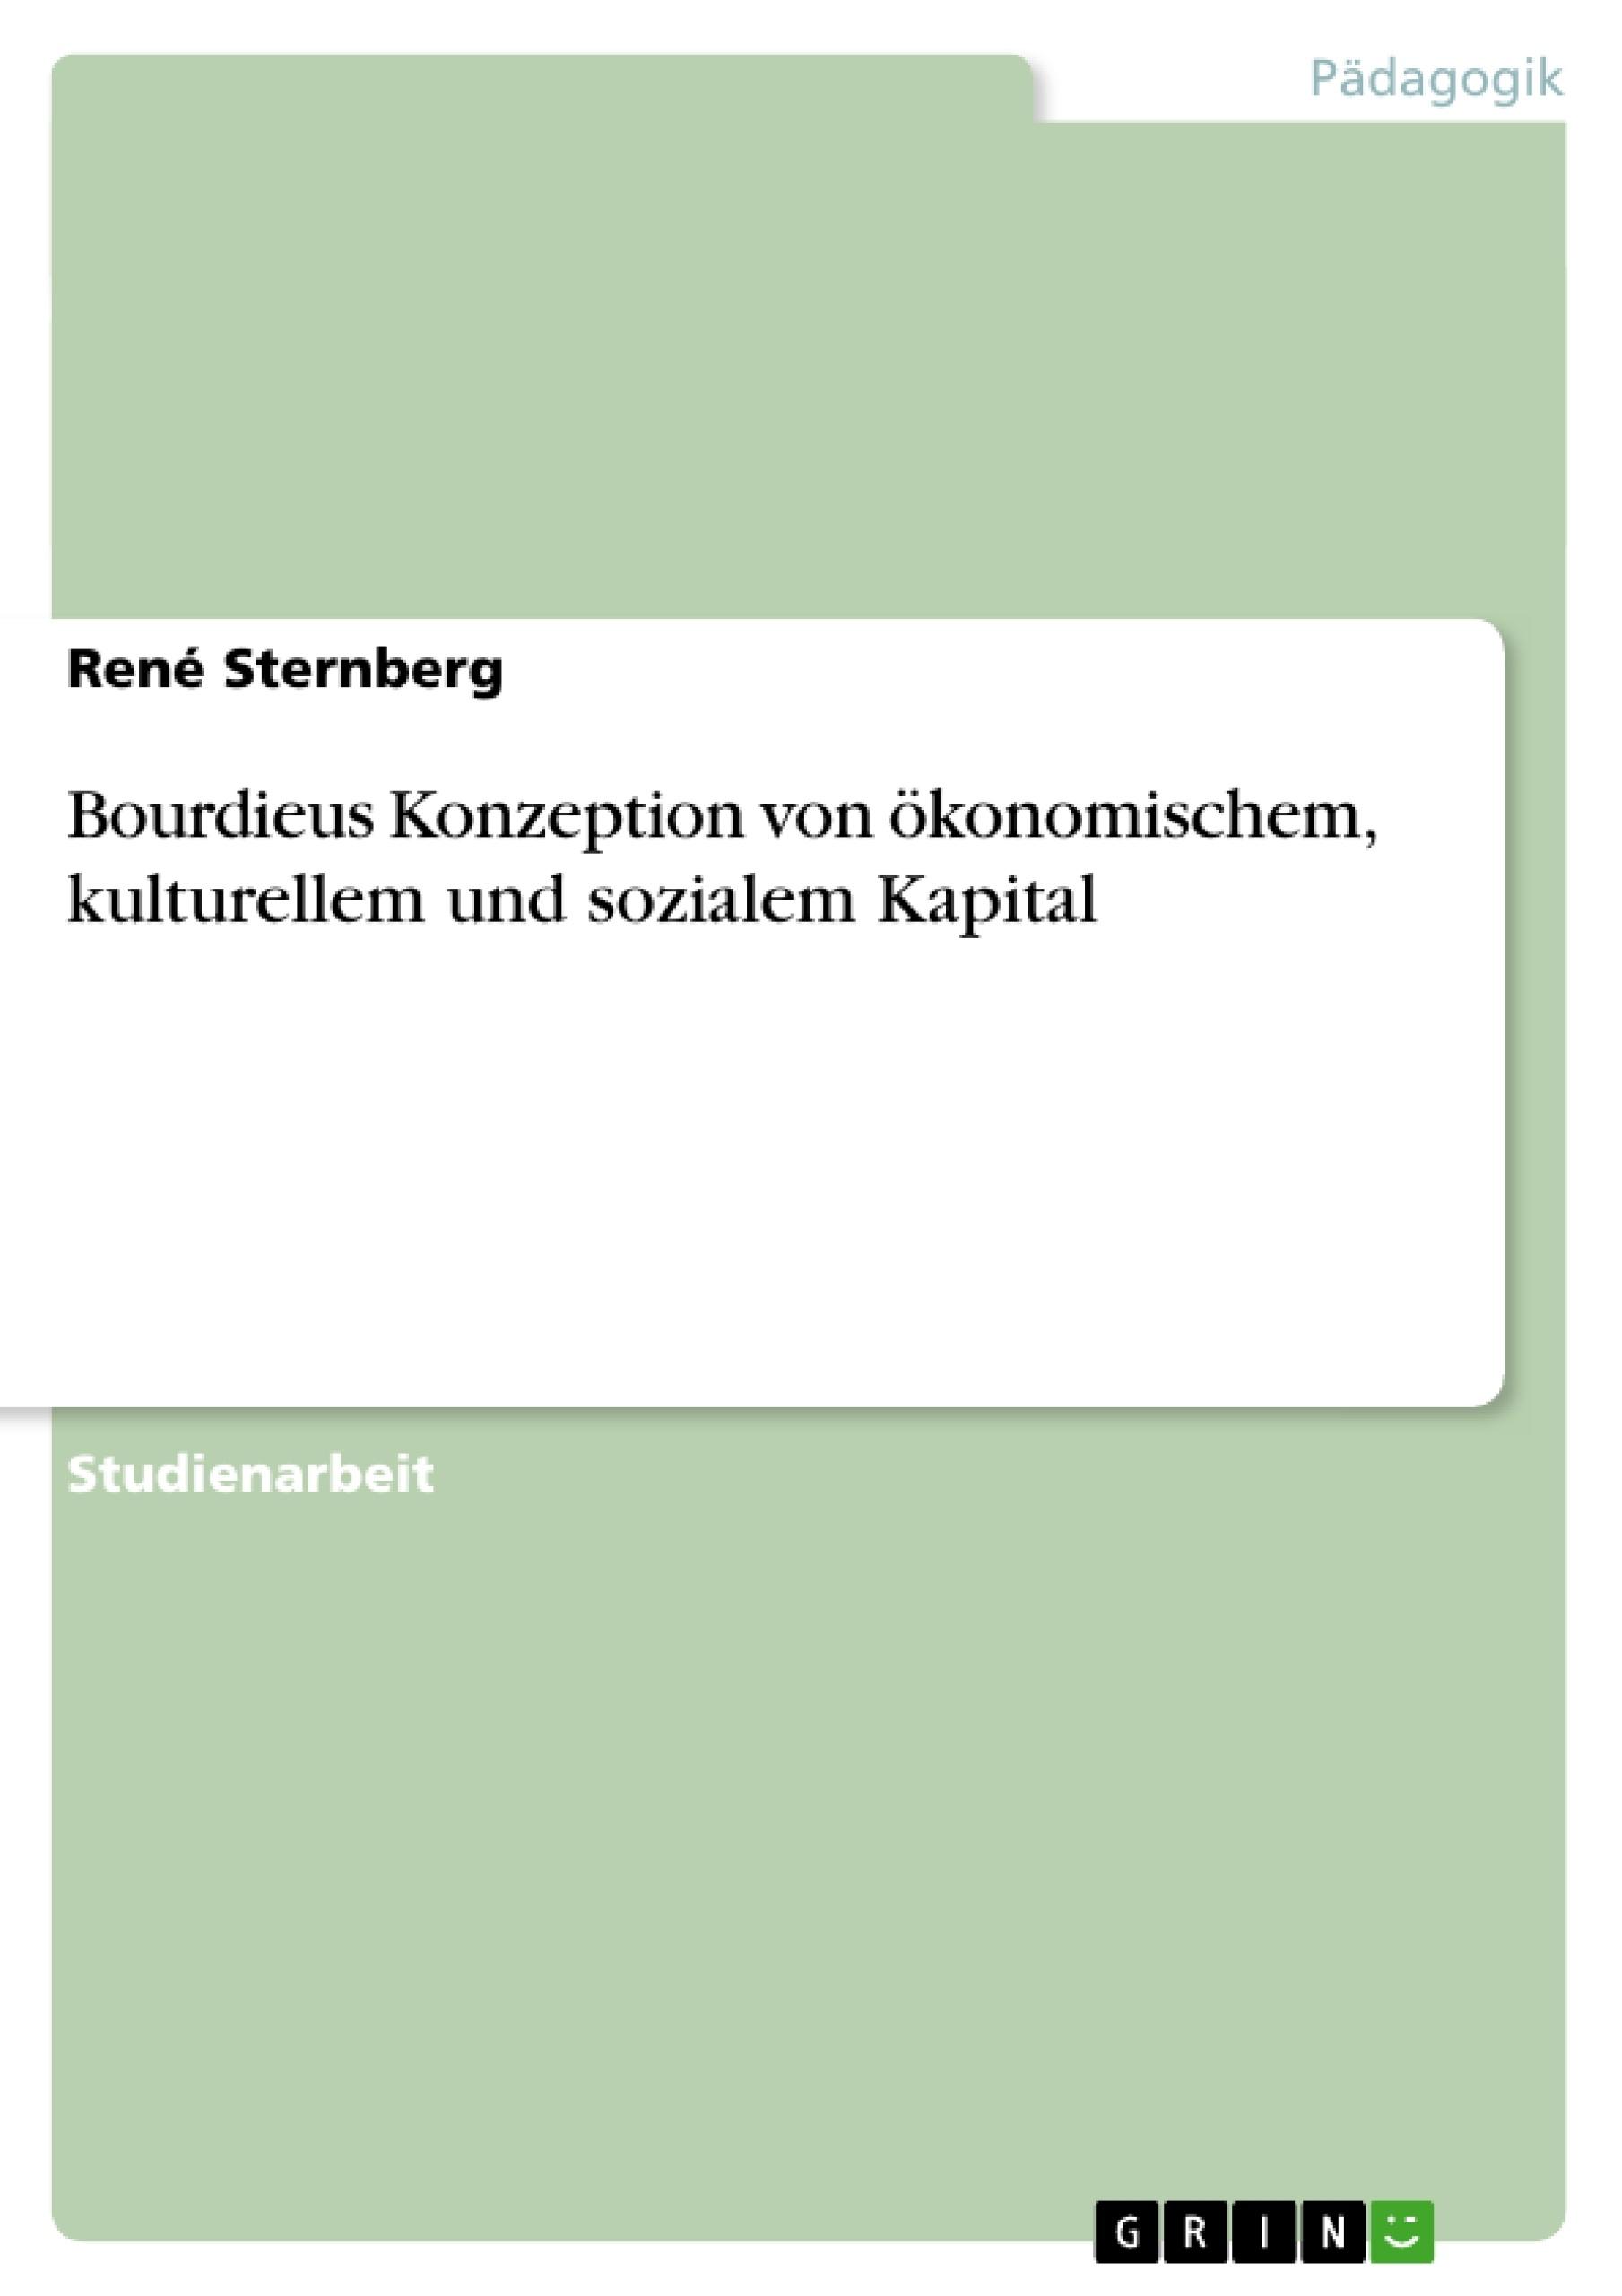 Titel: Bourdieus Konzeption von ökonomischem, kulturellem und sozialem Kapital